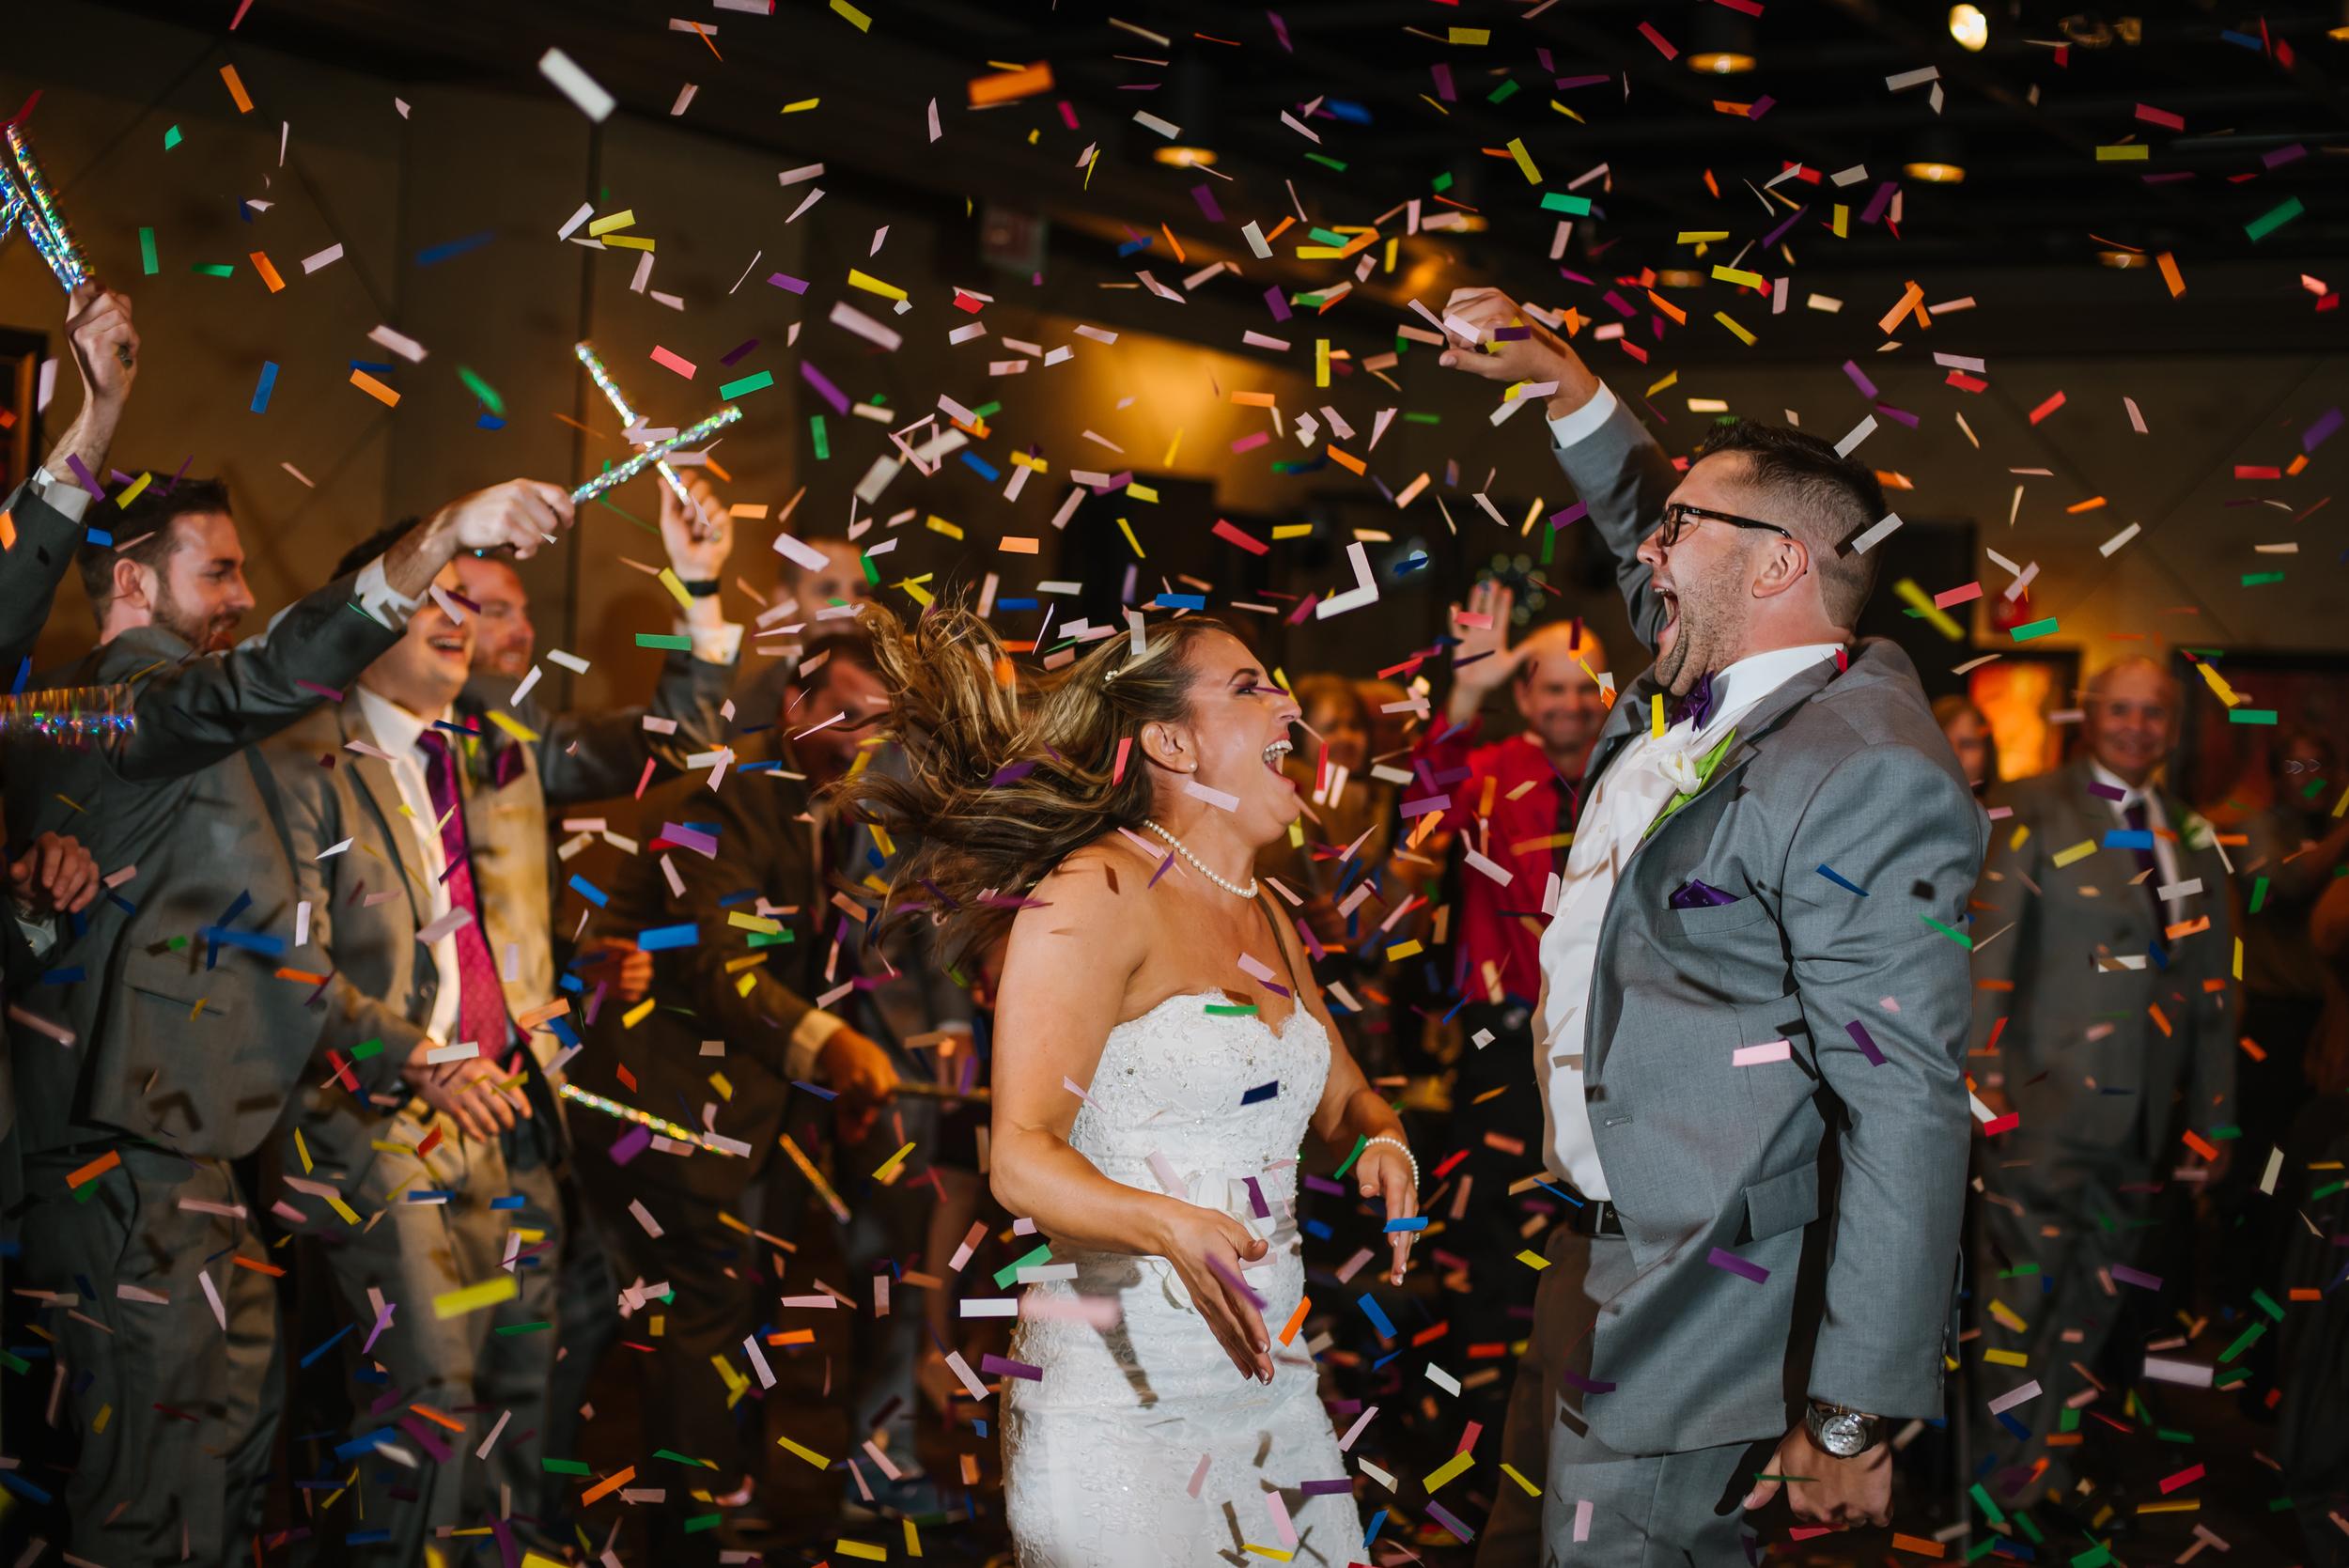 tampa-wedding-photographer-confetti-fun-reception-candid-guests-straz-center-vibrant-colorful